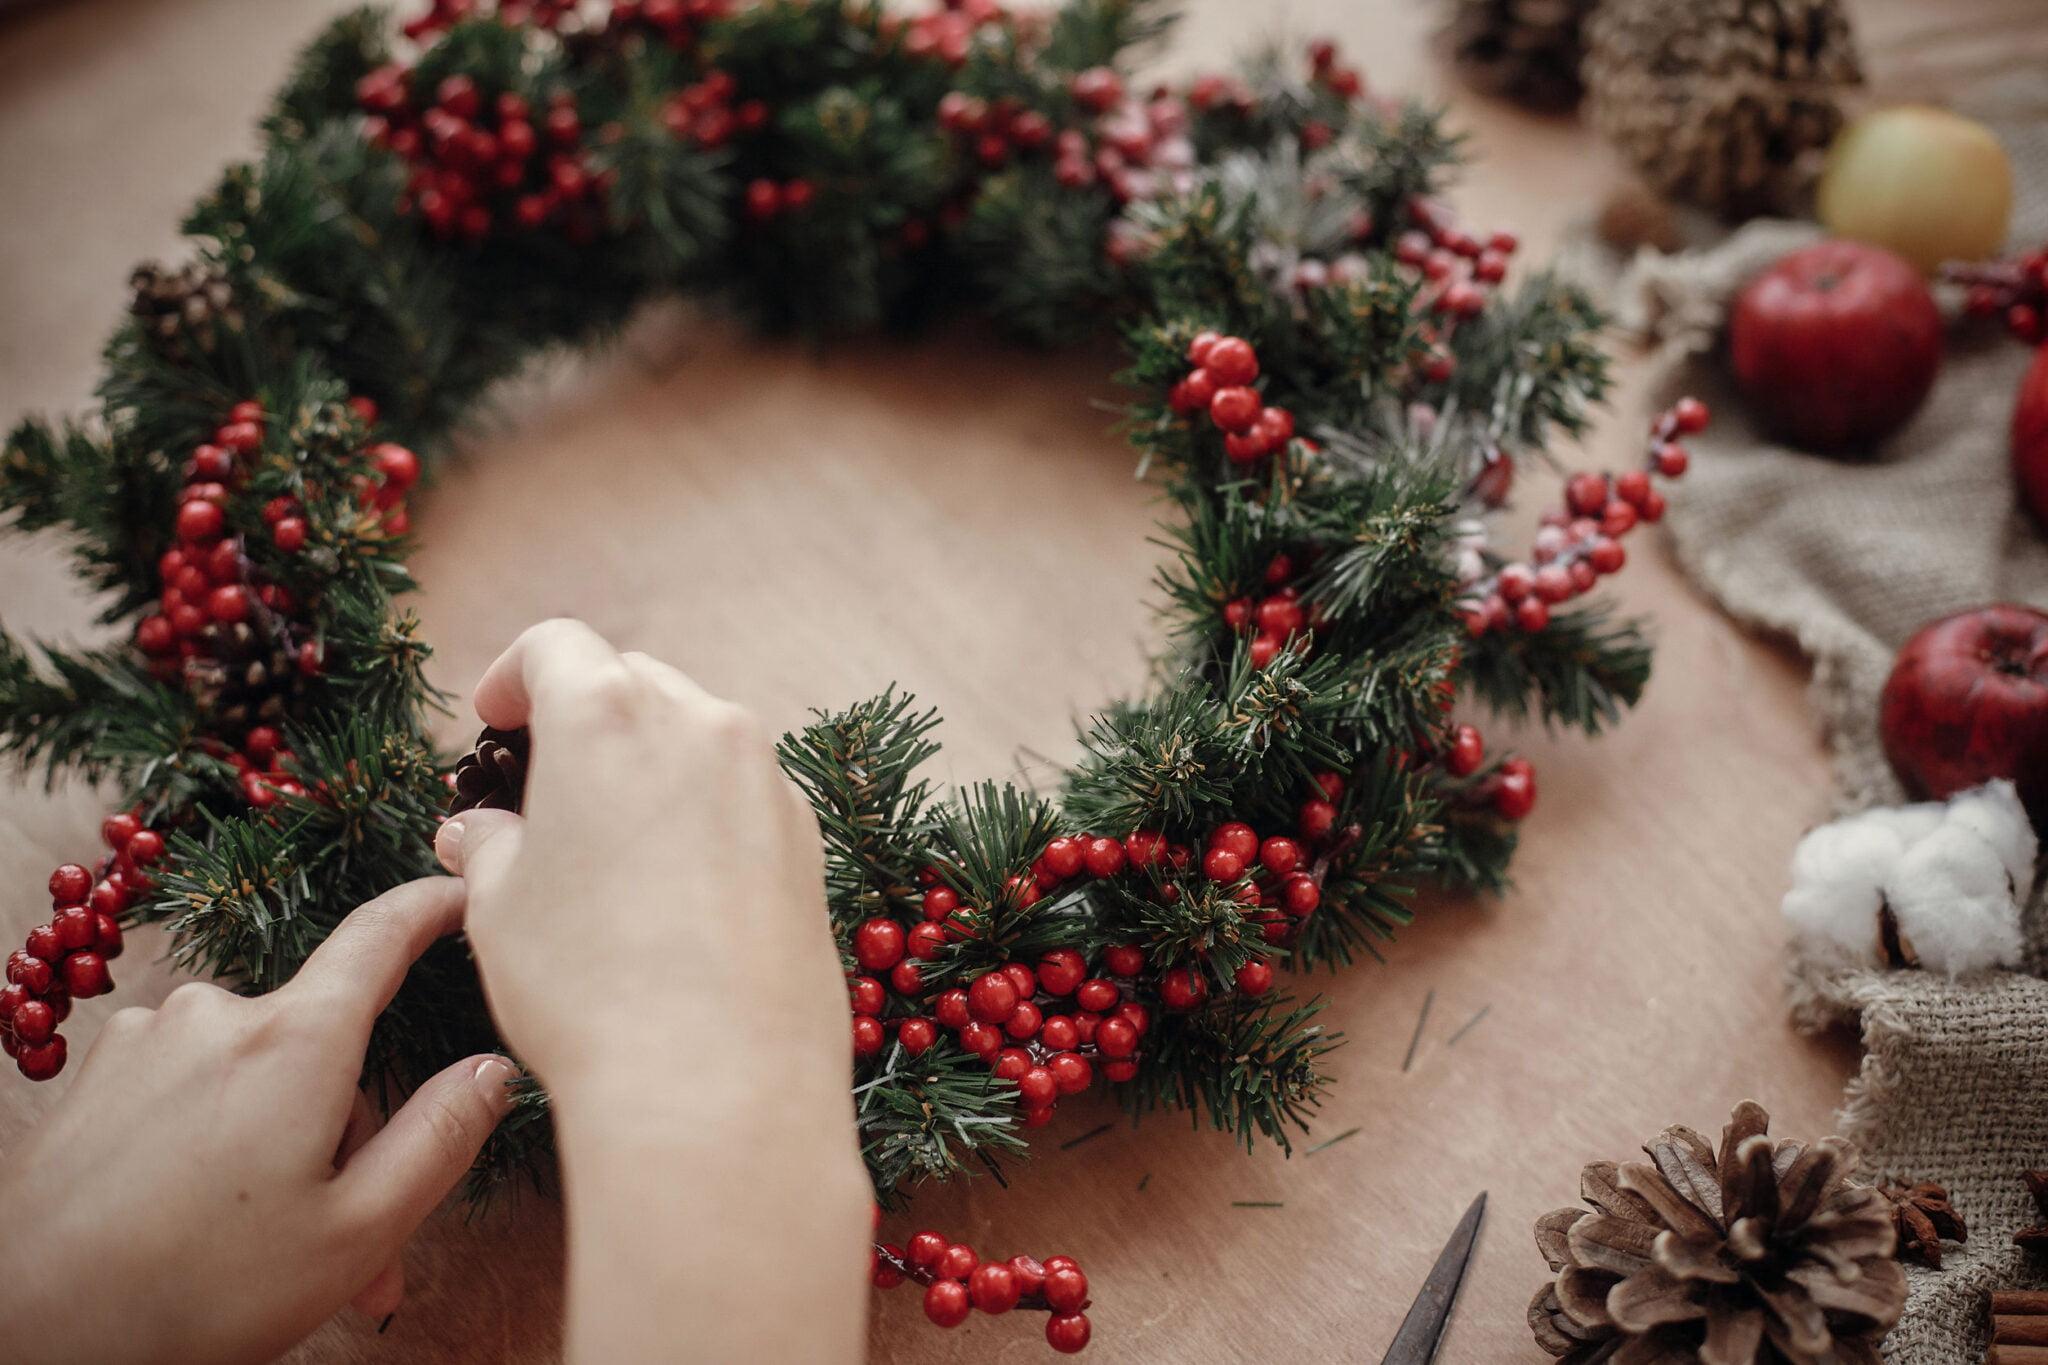 Kerststukjes maken; tips benodigdheden en voorbeelden eenvoudig tot origineel - Mamaliefde.nl